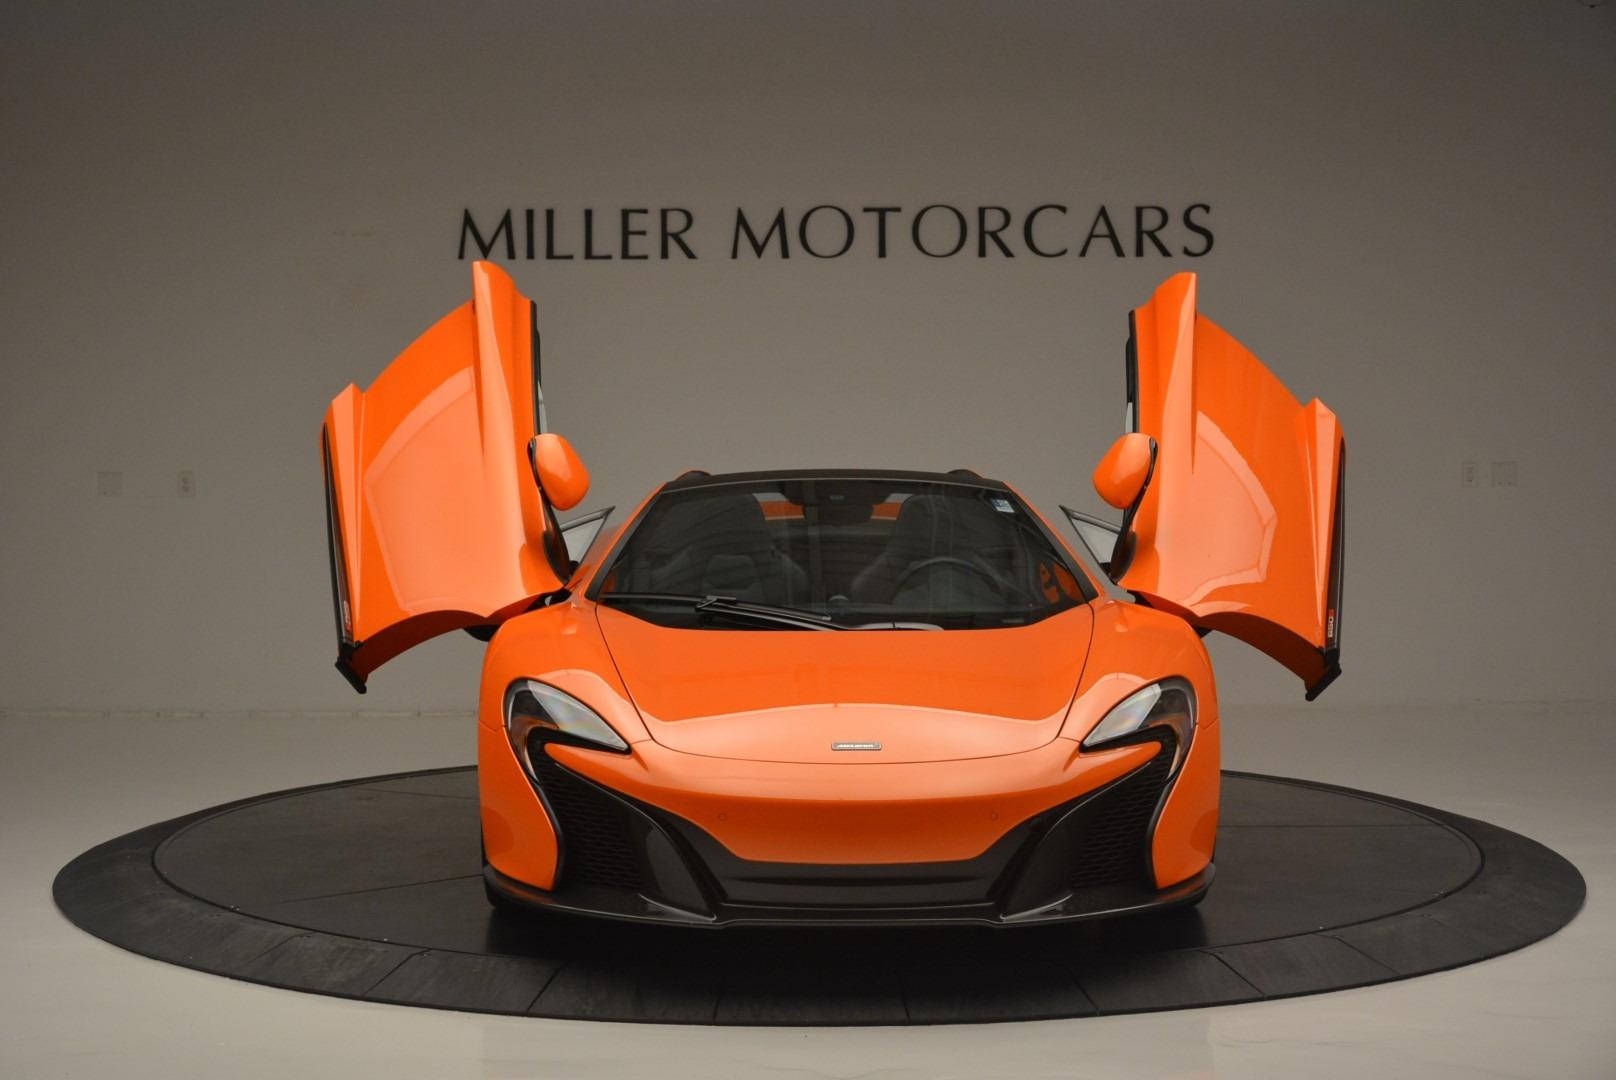 Used 2015 McLaren 650S Spider For Sale In Westport, CT 2338_p13